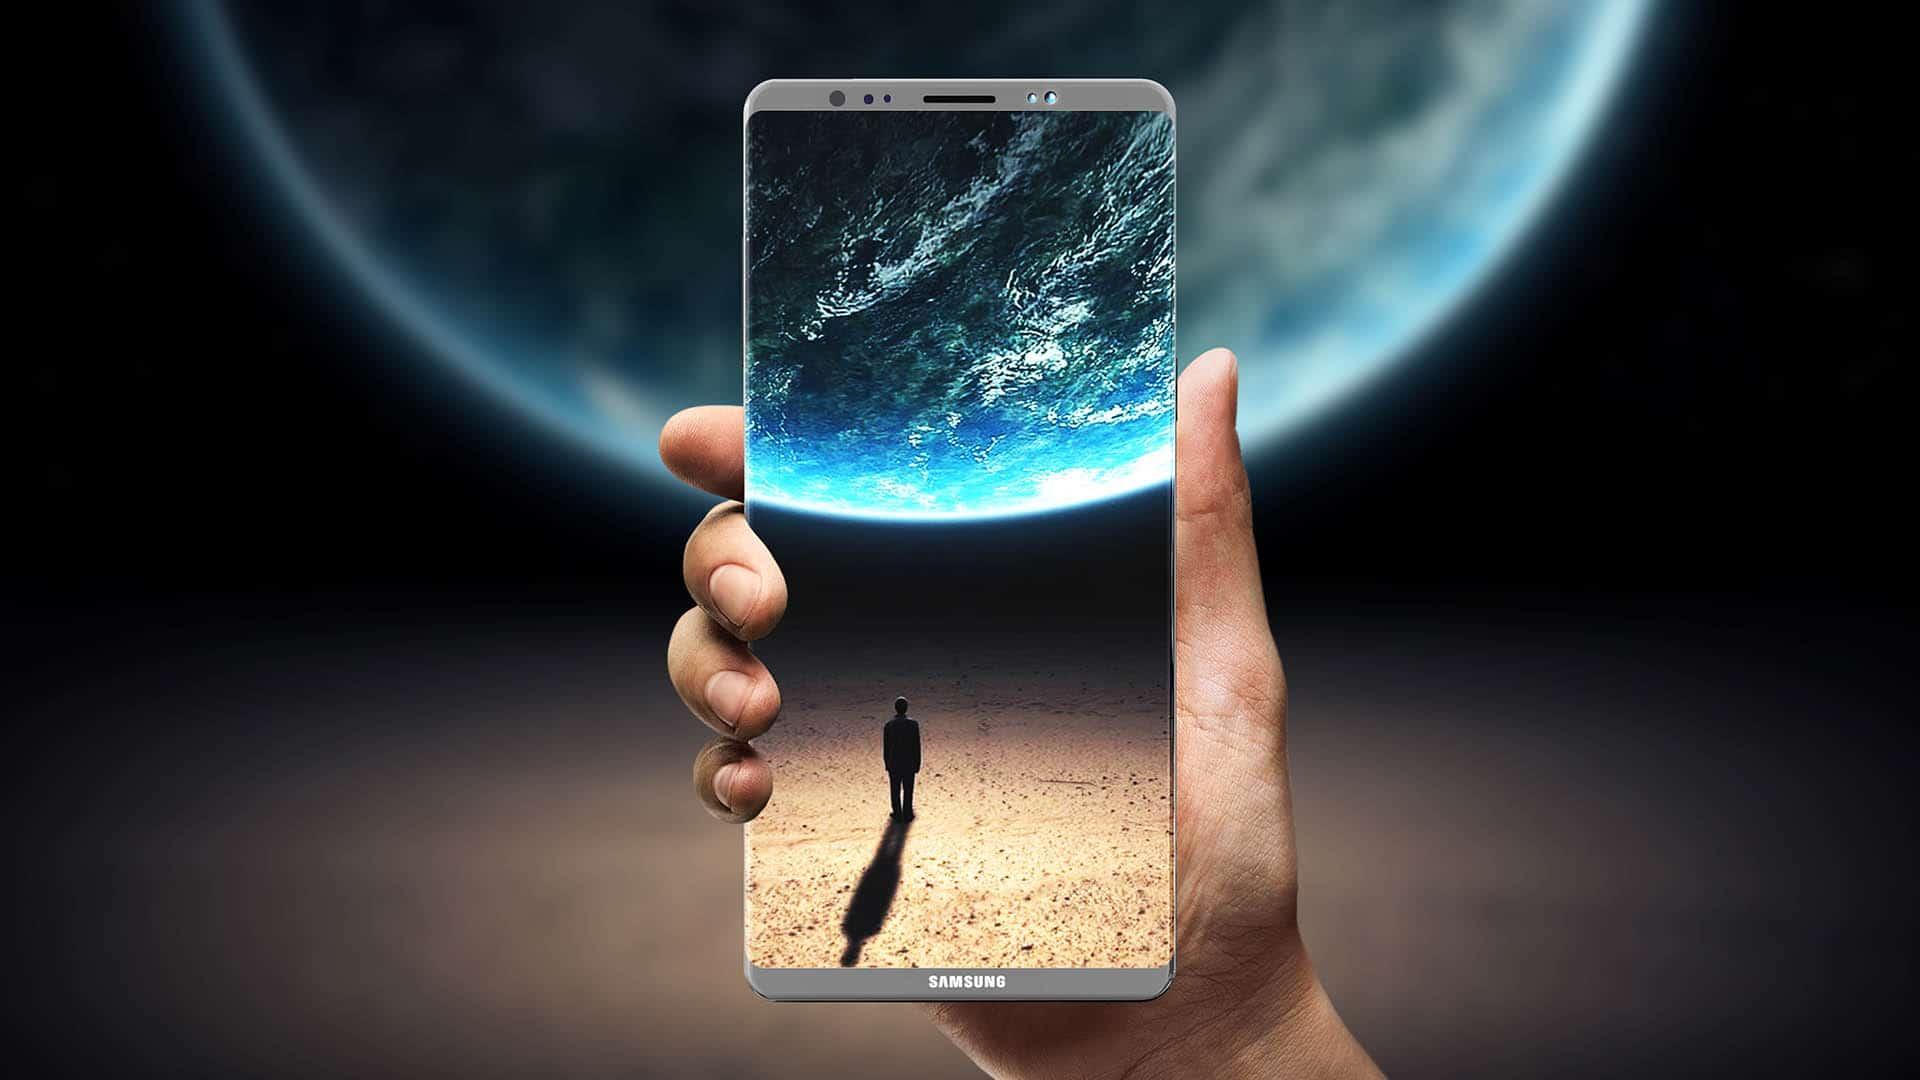 Le Samsung Galaxy S10 disposerait d'un capteur d'empreintes sous l'écran et d'une caméra 3D